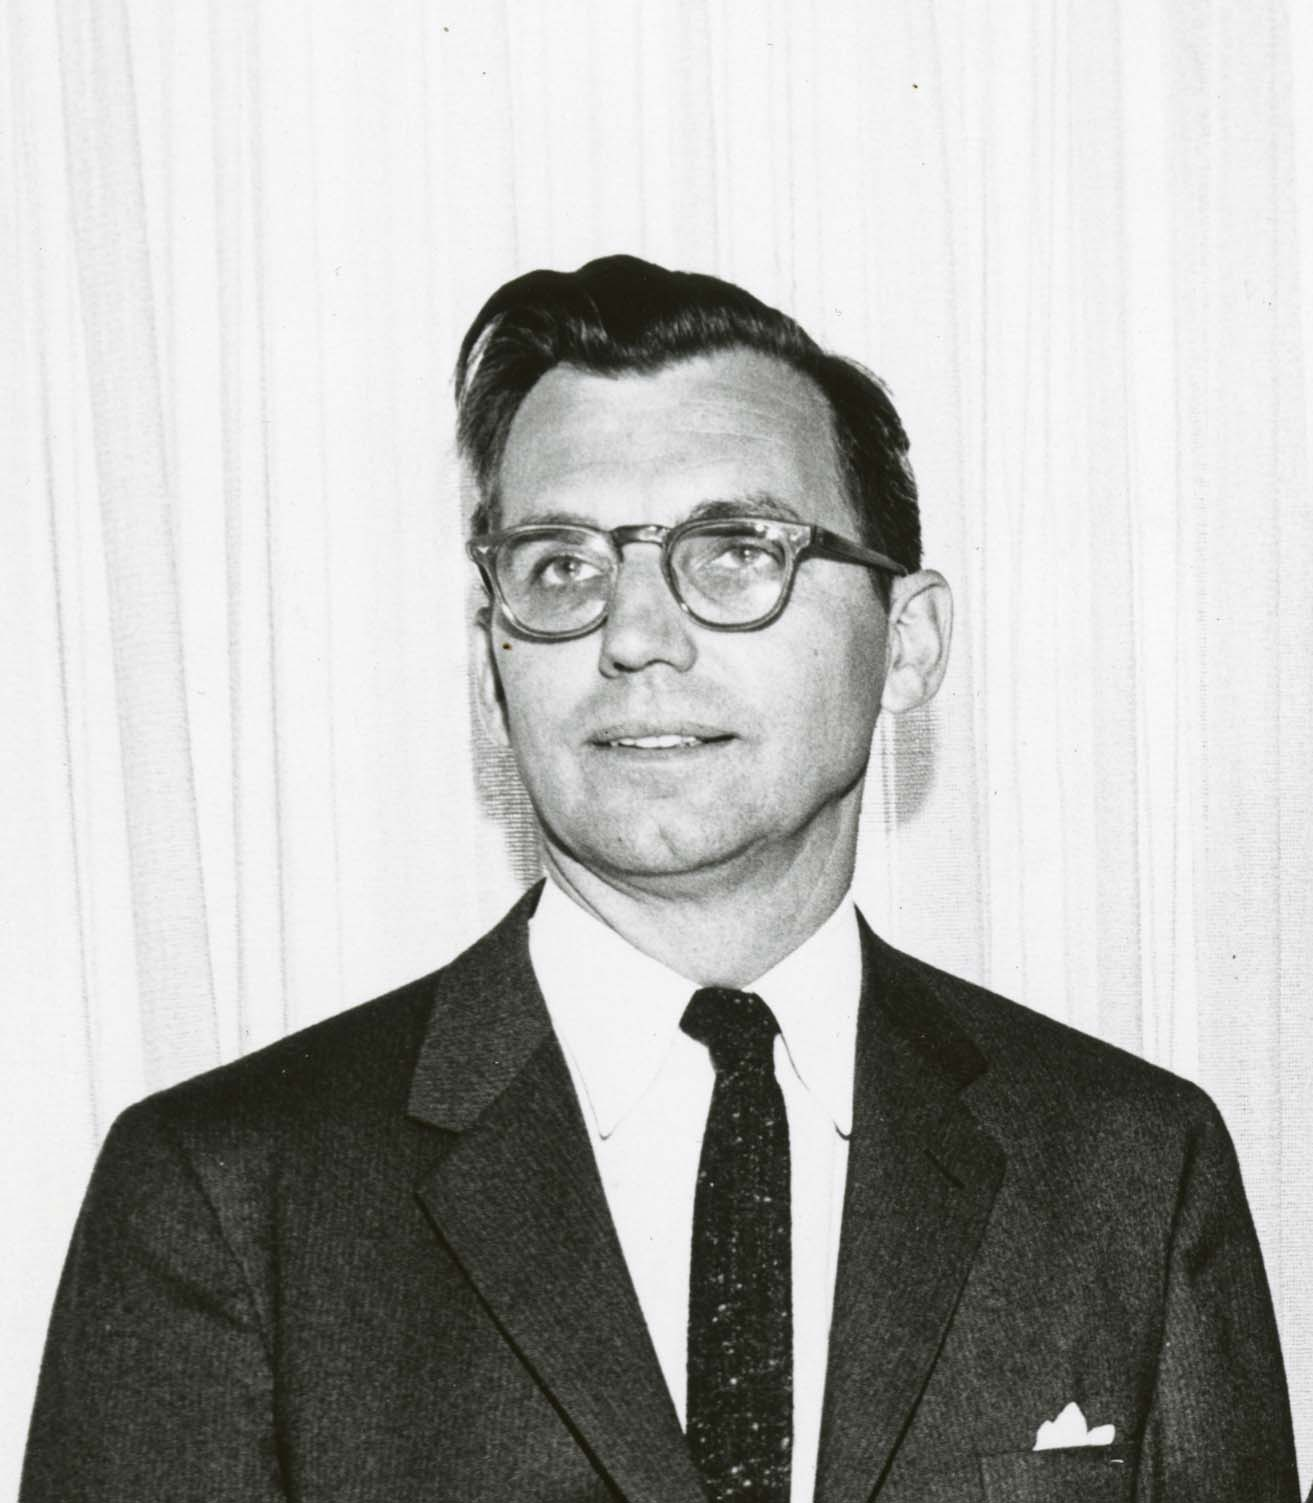 Donald Hardison Portrait